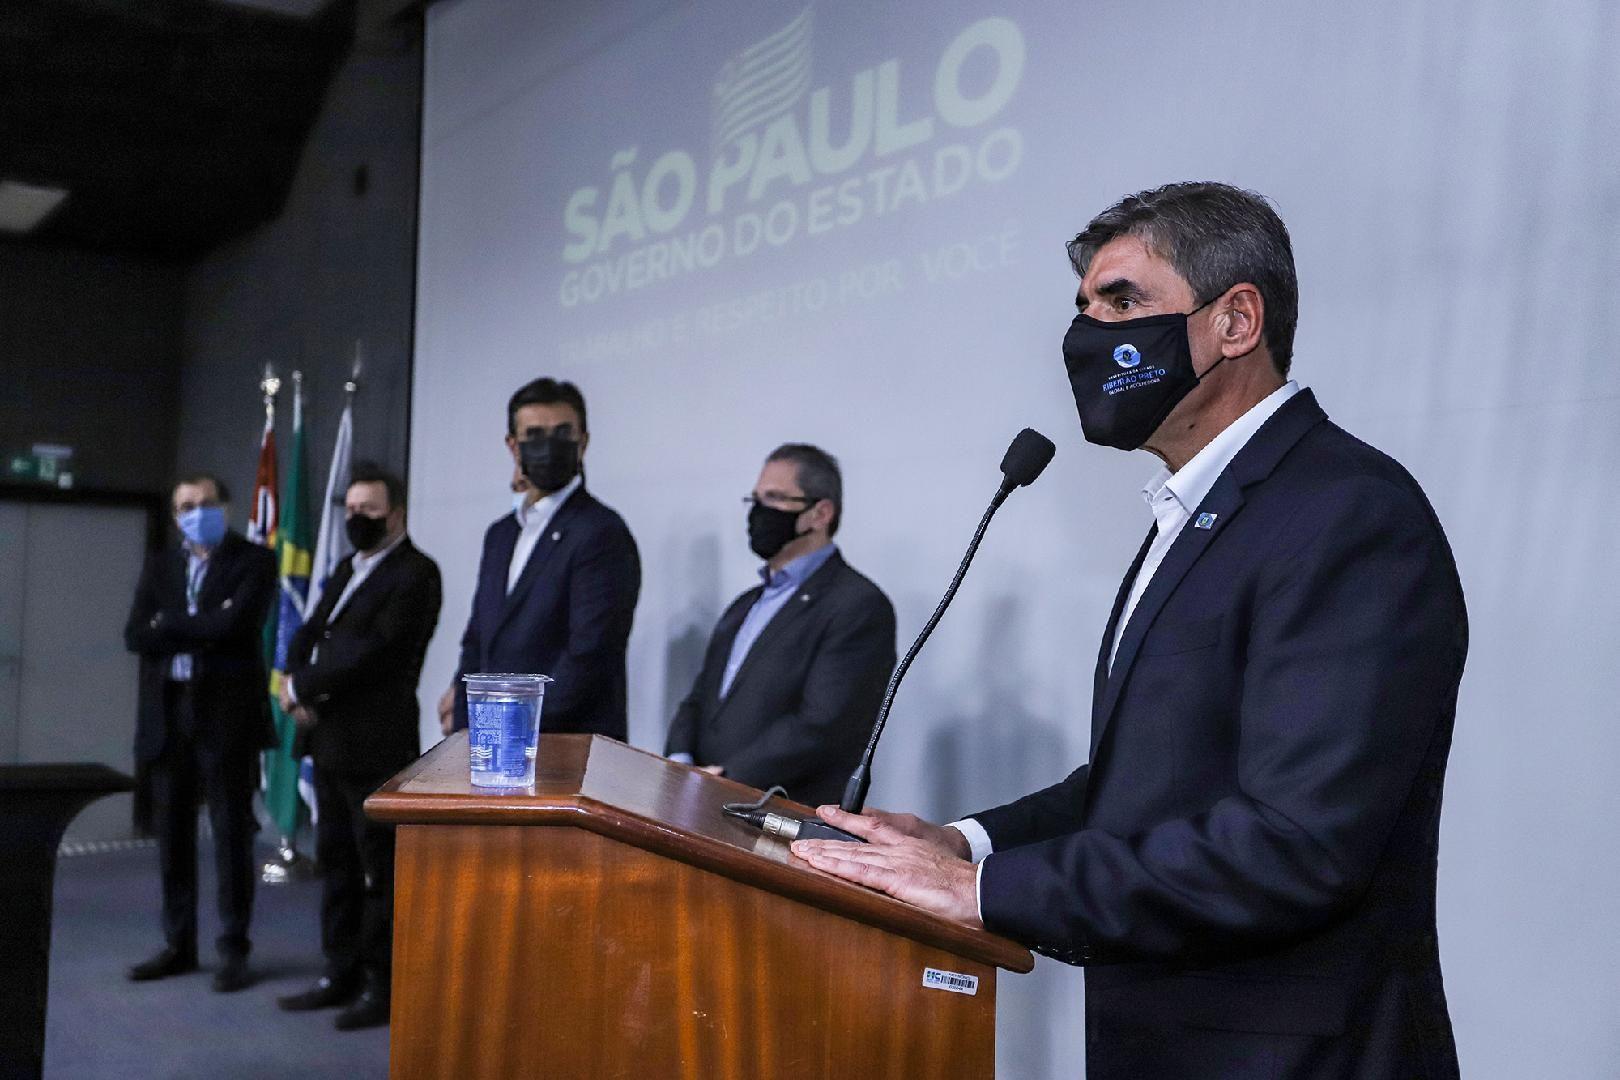 Revide, Hospital das Clínicas de Ribeirão Preto recebe crédito de R$30 milhões, crédito, hospital, recurso, atendimentos, pandemia, covid, coronavírus, retomada